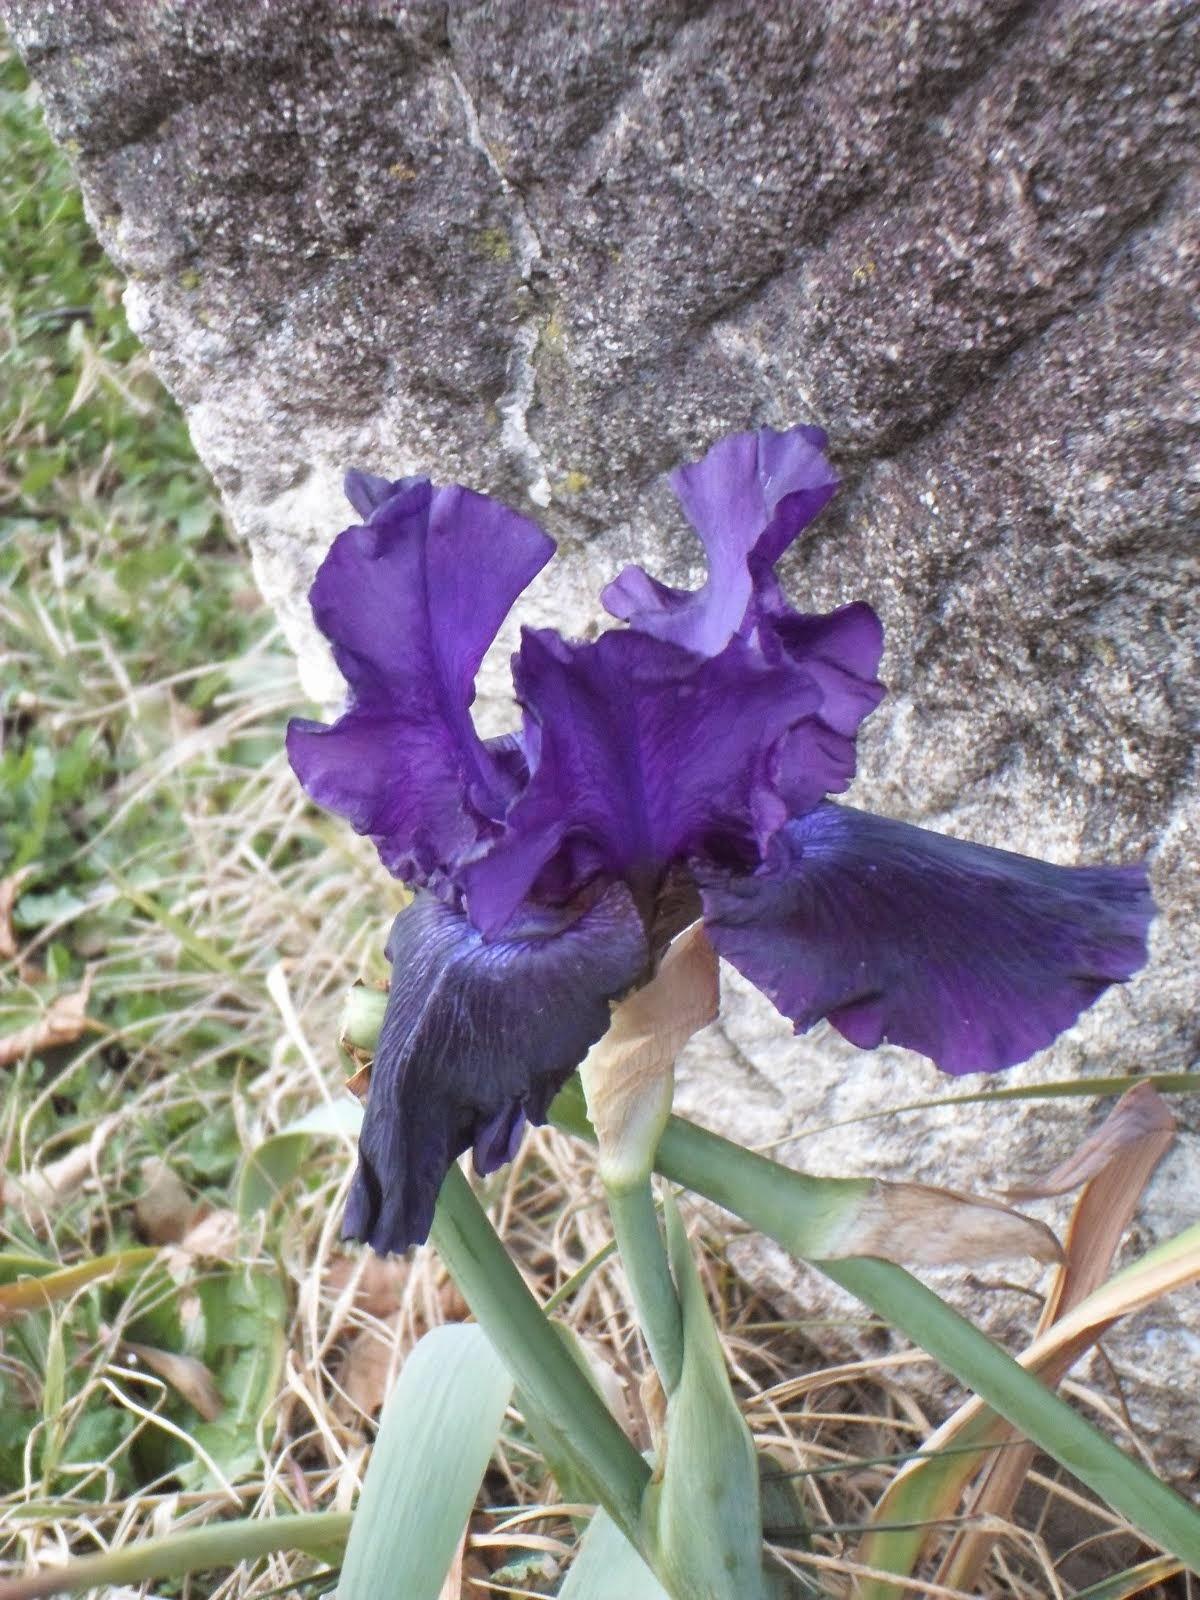 Iris du 29 décembre 2014. Il gèle.